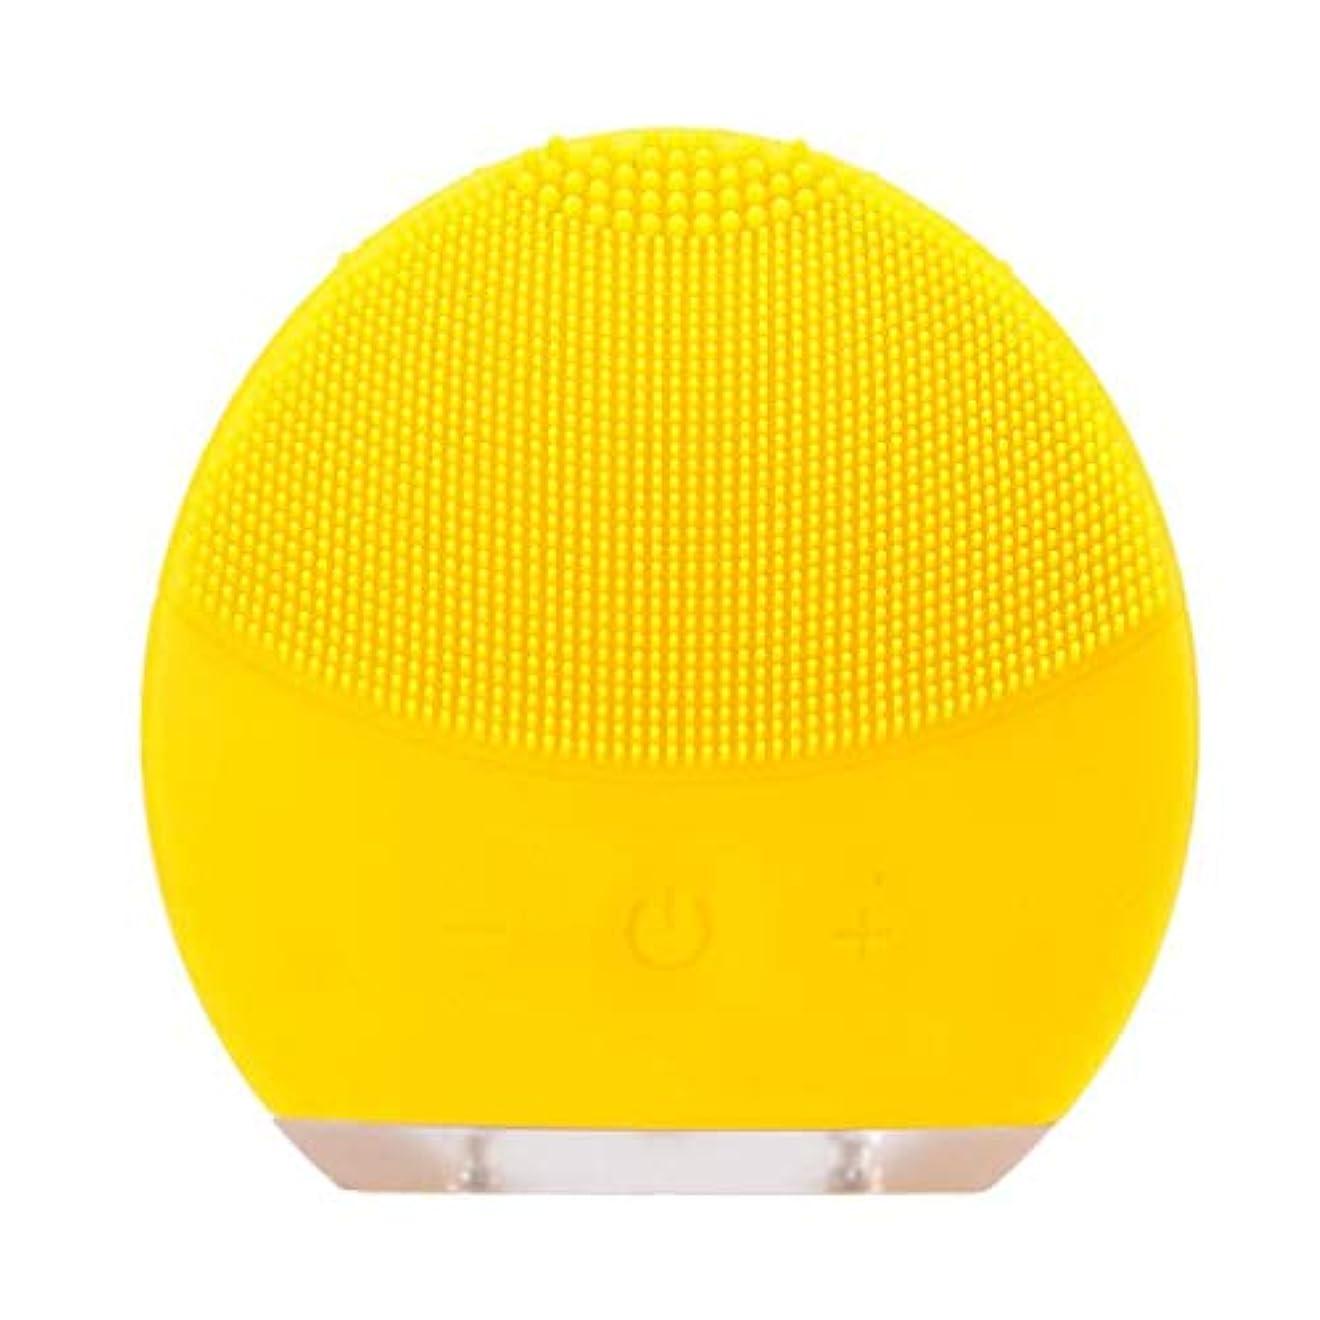 エリートセクタリスト超音波振動美容機器洗浄器、皮膚の毛穴を最小限に抑えるマイクロダーマブレーション毛穴、USB 充電と防水,Yellow